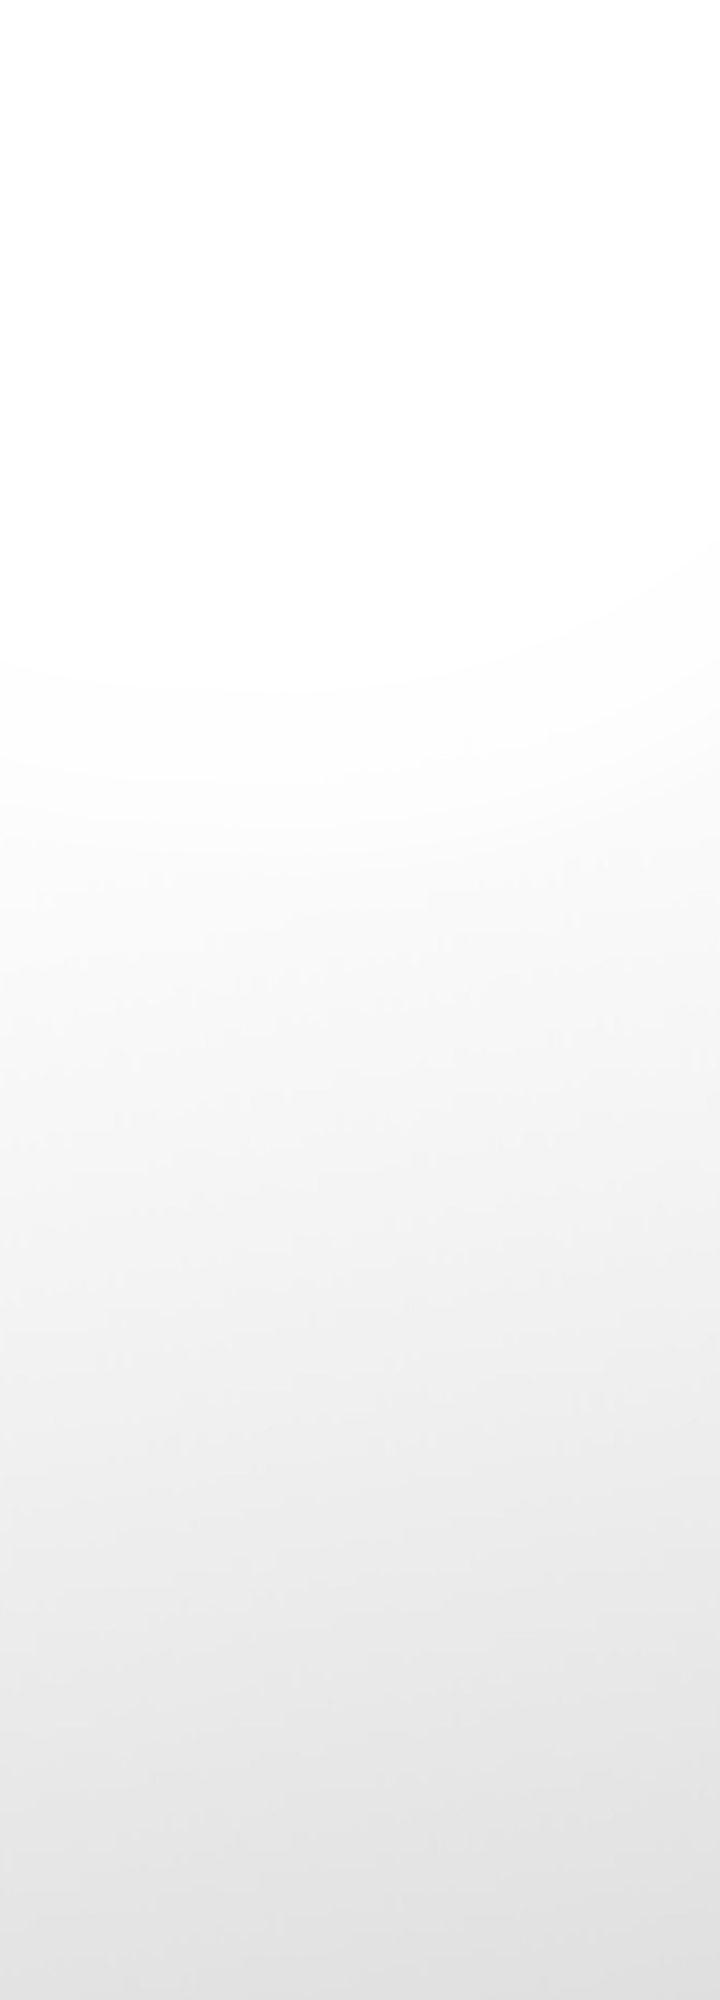 ¿Qué es Amazon Music Unlimited?  Amazon Music Unlimited es un servicio de música de suscripción premium que cuenta con un catálogo de más de 50 millones de canciones, así como cientos de playlists y emisoras seleccionadas por nuestros expertos en música. Con Amazon Music Unlimited, puedes escuchar cualquier canción estés donde estés en todos tus dispositivos (móvil, tablet, PC/Mac y Fire). Nunca escucharás un anuncio, y por supuesto puedes descargar música para escucharla sin conexión en cualquier momento. Amazon Music Unlimited aprende a conocerte y te propone recomendaciones basadas en lo que escuchas. Si estás buscando la playlist perfecta para una cena con amigos, la discografía completa de tus grupos favoritos, o incluso recomendaciones de nueva música indie, Amazon Music Unlimited tiene lo que necesitas. Los clientes Amazon Prime pueden suscribirse por 9,99 €/mes eligiendo una suscripción mensual, o 99 €/año por una suscripción anual (el equivalente a 2 meses de ahorro). Los clientes que no sean Amazon Prime tienen acceso únicamente a la tarifa mensual a 9,99 €/mes. ¿Qué tarifa Amazon Music Unlimited es la que más me conviene?  Si quieres escuchar Amazon Music Unlimited en todos tus dispositivos (móvil, tablet, PC/Mac, Fire), te recomendamos la tarifa Individual a 9,99 €/mes o sólo 99 €/año si eres cliente Amazon Prime y eliges la suscripción anual (equivalente a 2 meses de ahorro). Los clientes que no son Amazon Prime tienen acceso únicamente a la tarifa mensual a 9,99€/mes.  Las familias pueden ahorrar aún más con la tarifa Familia, que permite hasta escuchar música hasta a 6 miembros de la familia, todos al mismo tiempo y en todos los dispositivos. Disfruta de todas las ventajas de tarifa Individual incluyendo recomendaciones y playlists personalizadas, por sólo 14,99 €/mes o 149 €/año si eres cliente Amazon Prime y eliges la suscripción anual (equivalente a 2 meses de ahorro). Los clientes que no son Amazon Prime tienen acceso únicamente a la tarifa mensua